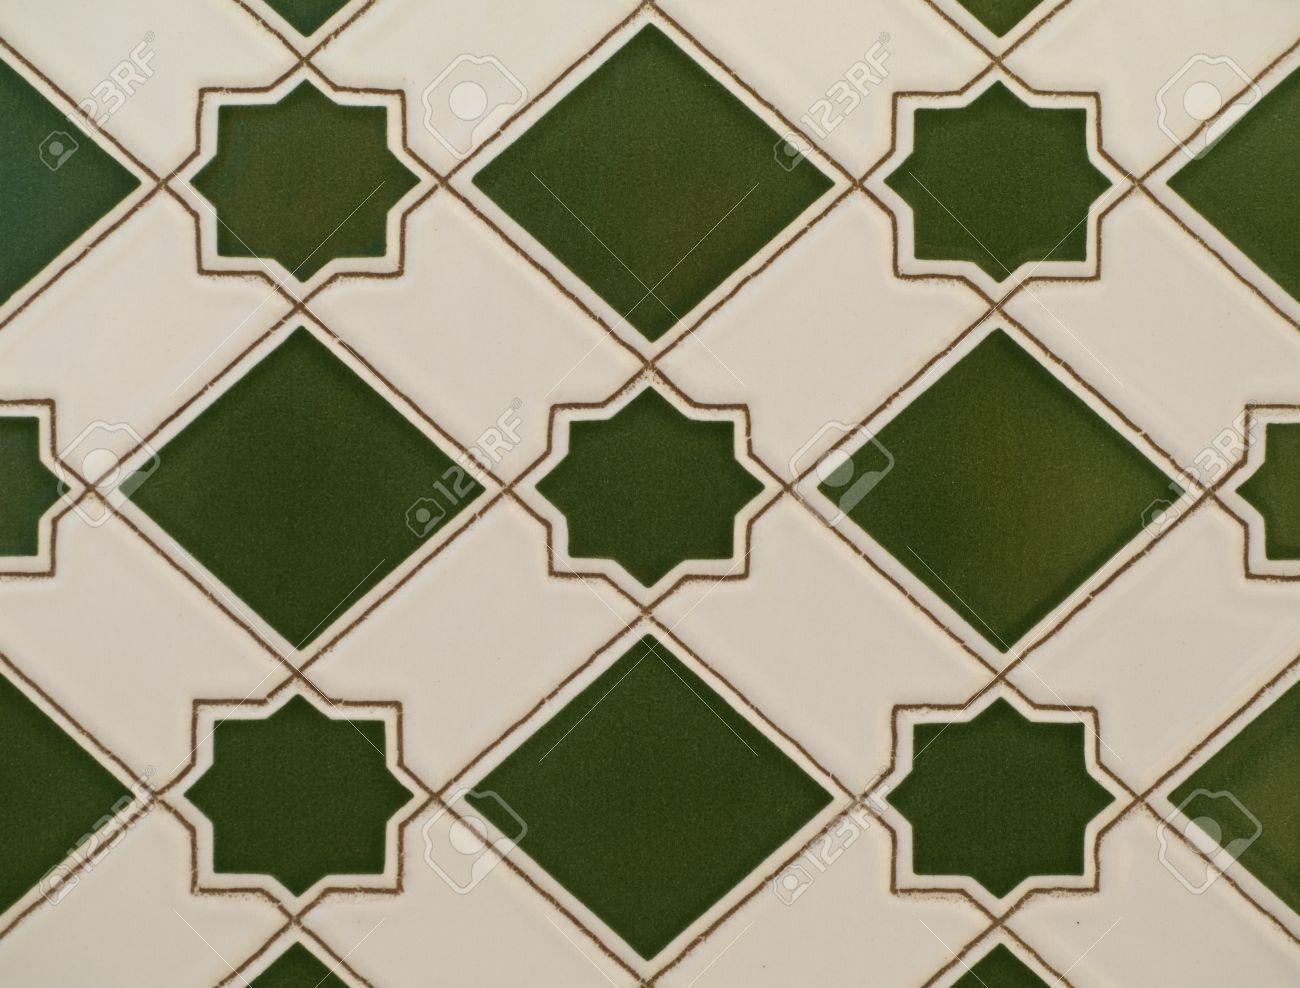 ceramique motif carrelage mural en vert et blanc